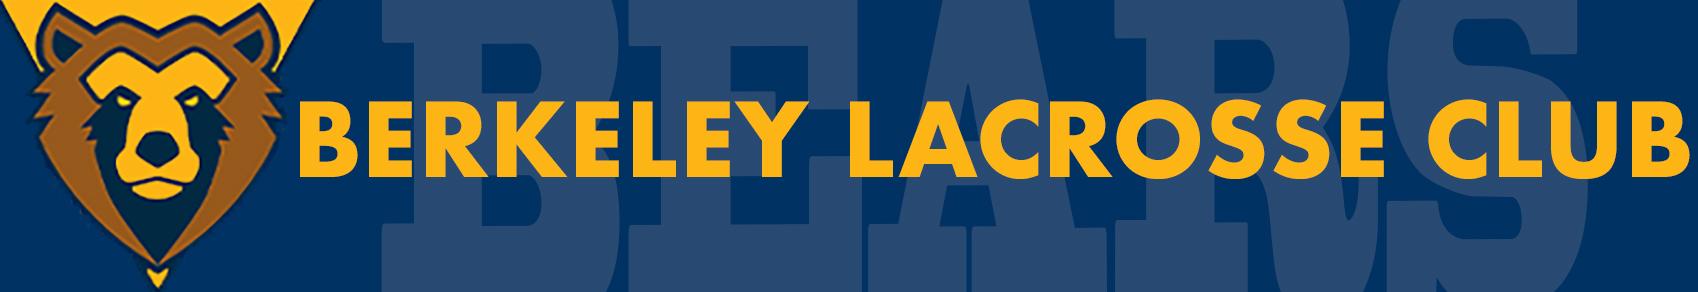 Berkeley Lacrosse Club, Lacrosse, Goal, Field